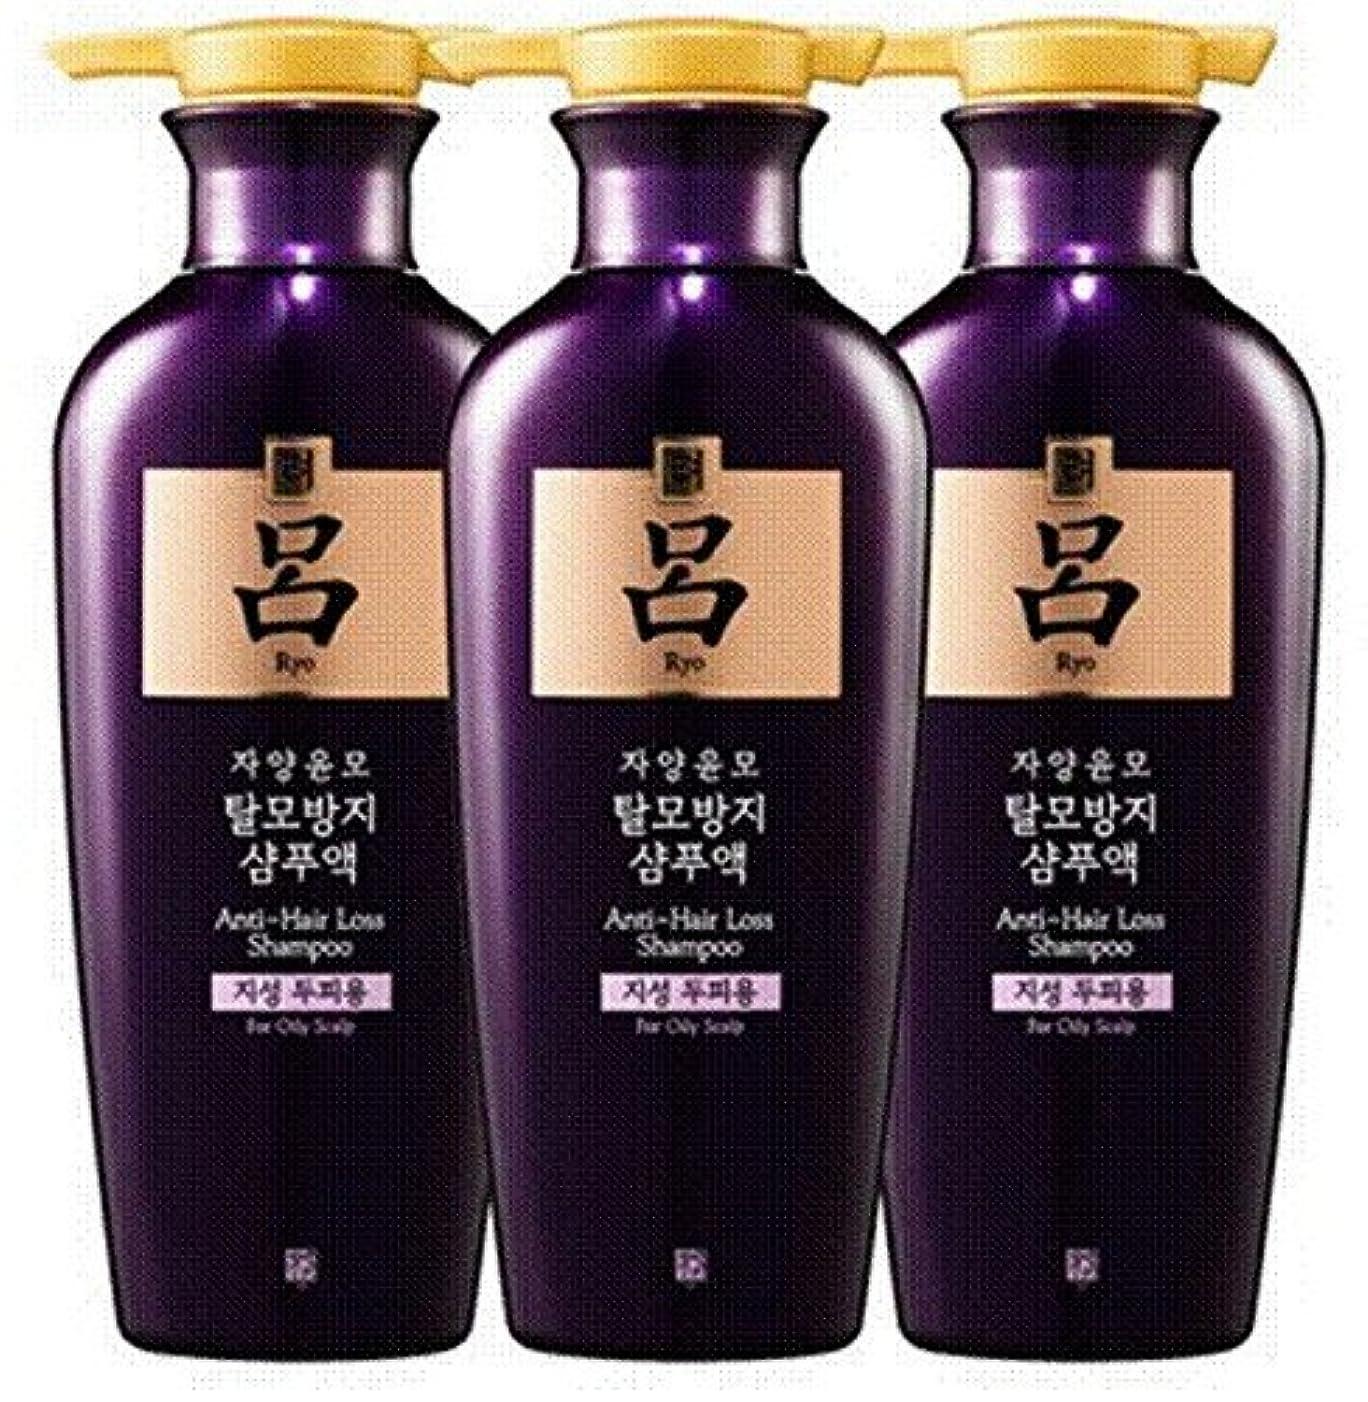 現像債務者分注するの脱毛防止シャンプー(アモーレパシフィック)呂 う者ヤンユンモ脱毛防止シャンプー脂性頭皮用RYO Anti Hair Loss Shampoo400ml X3(海外直送品)[並行輸入品]